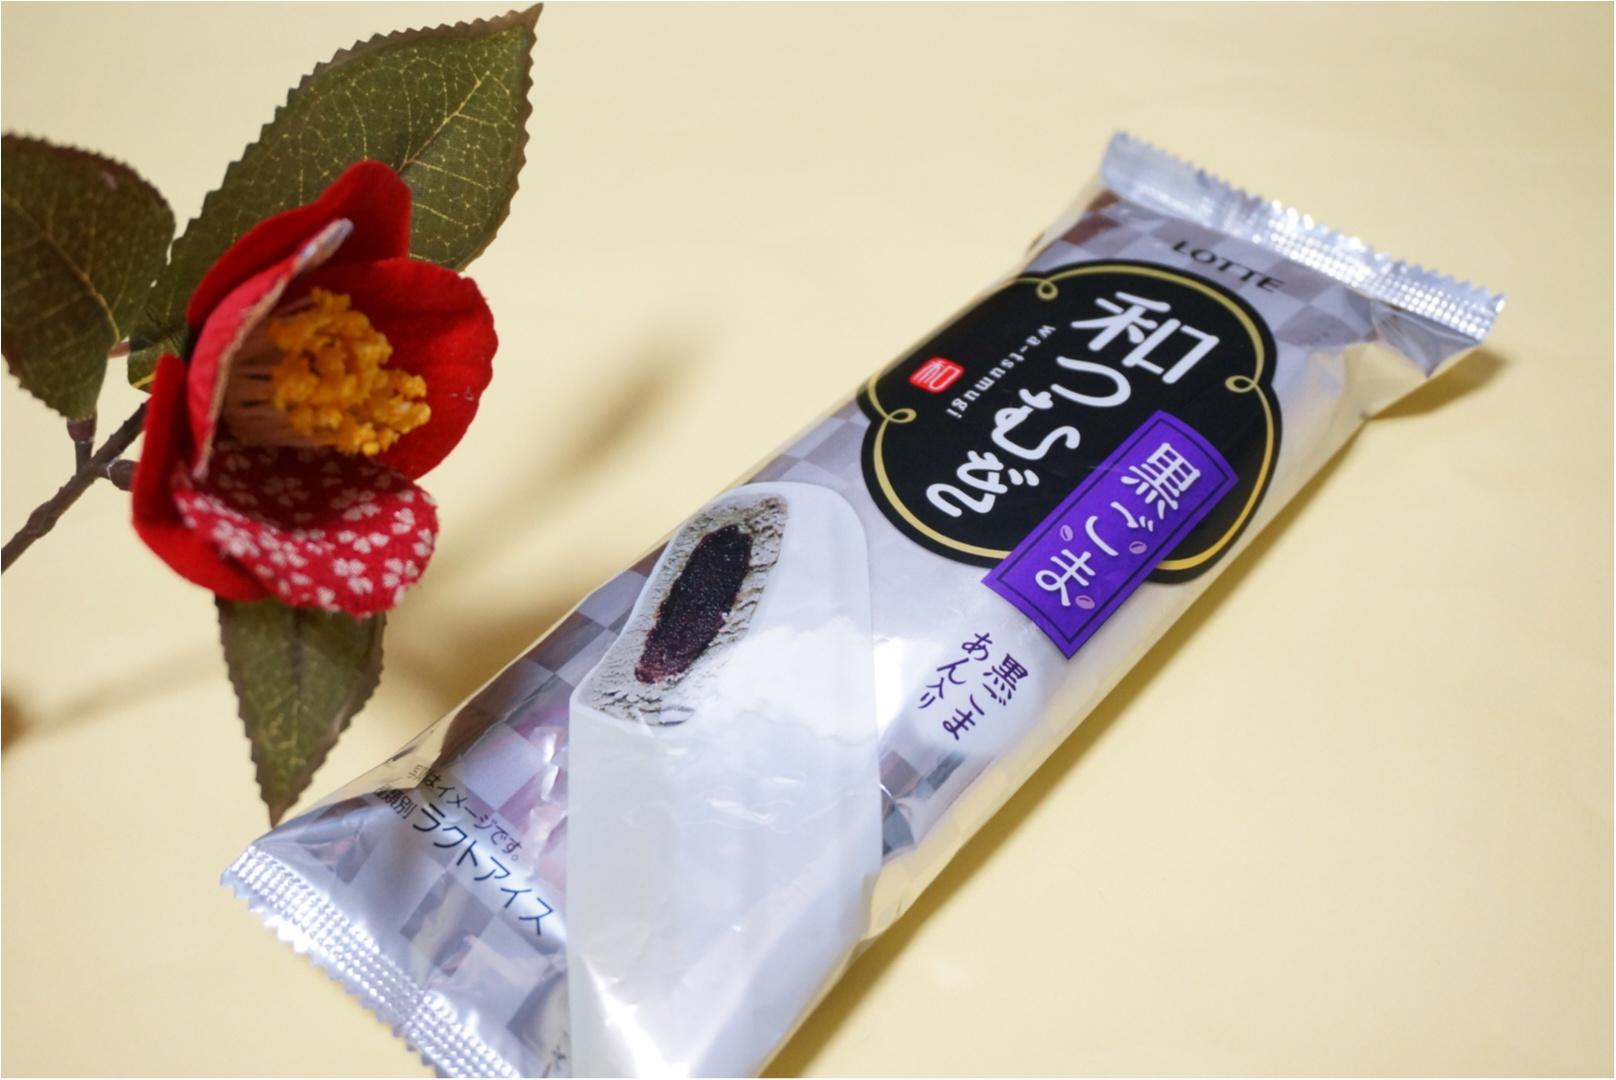 《アイス好き必見‼︎》ファミリーマート・サークルK・サンクス先行発売商品『和つむぎ』シリーズが美味すぎるって噂♡_2